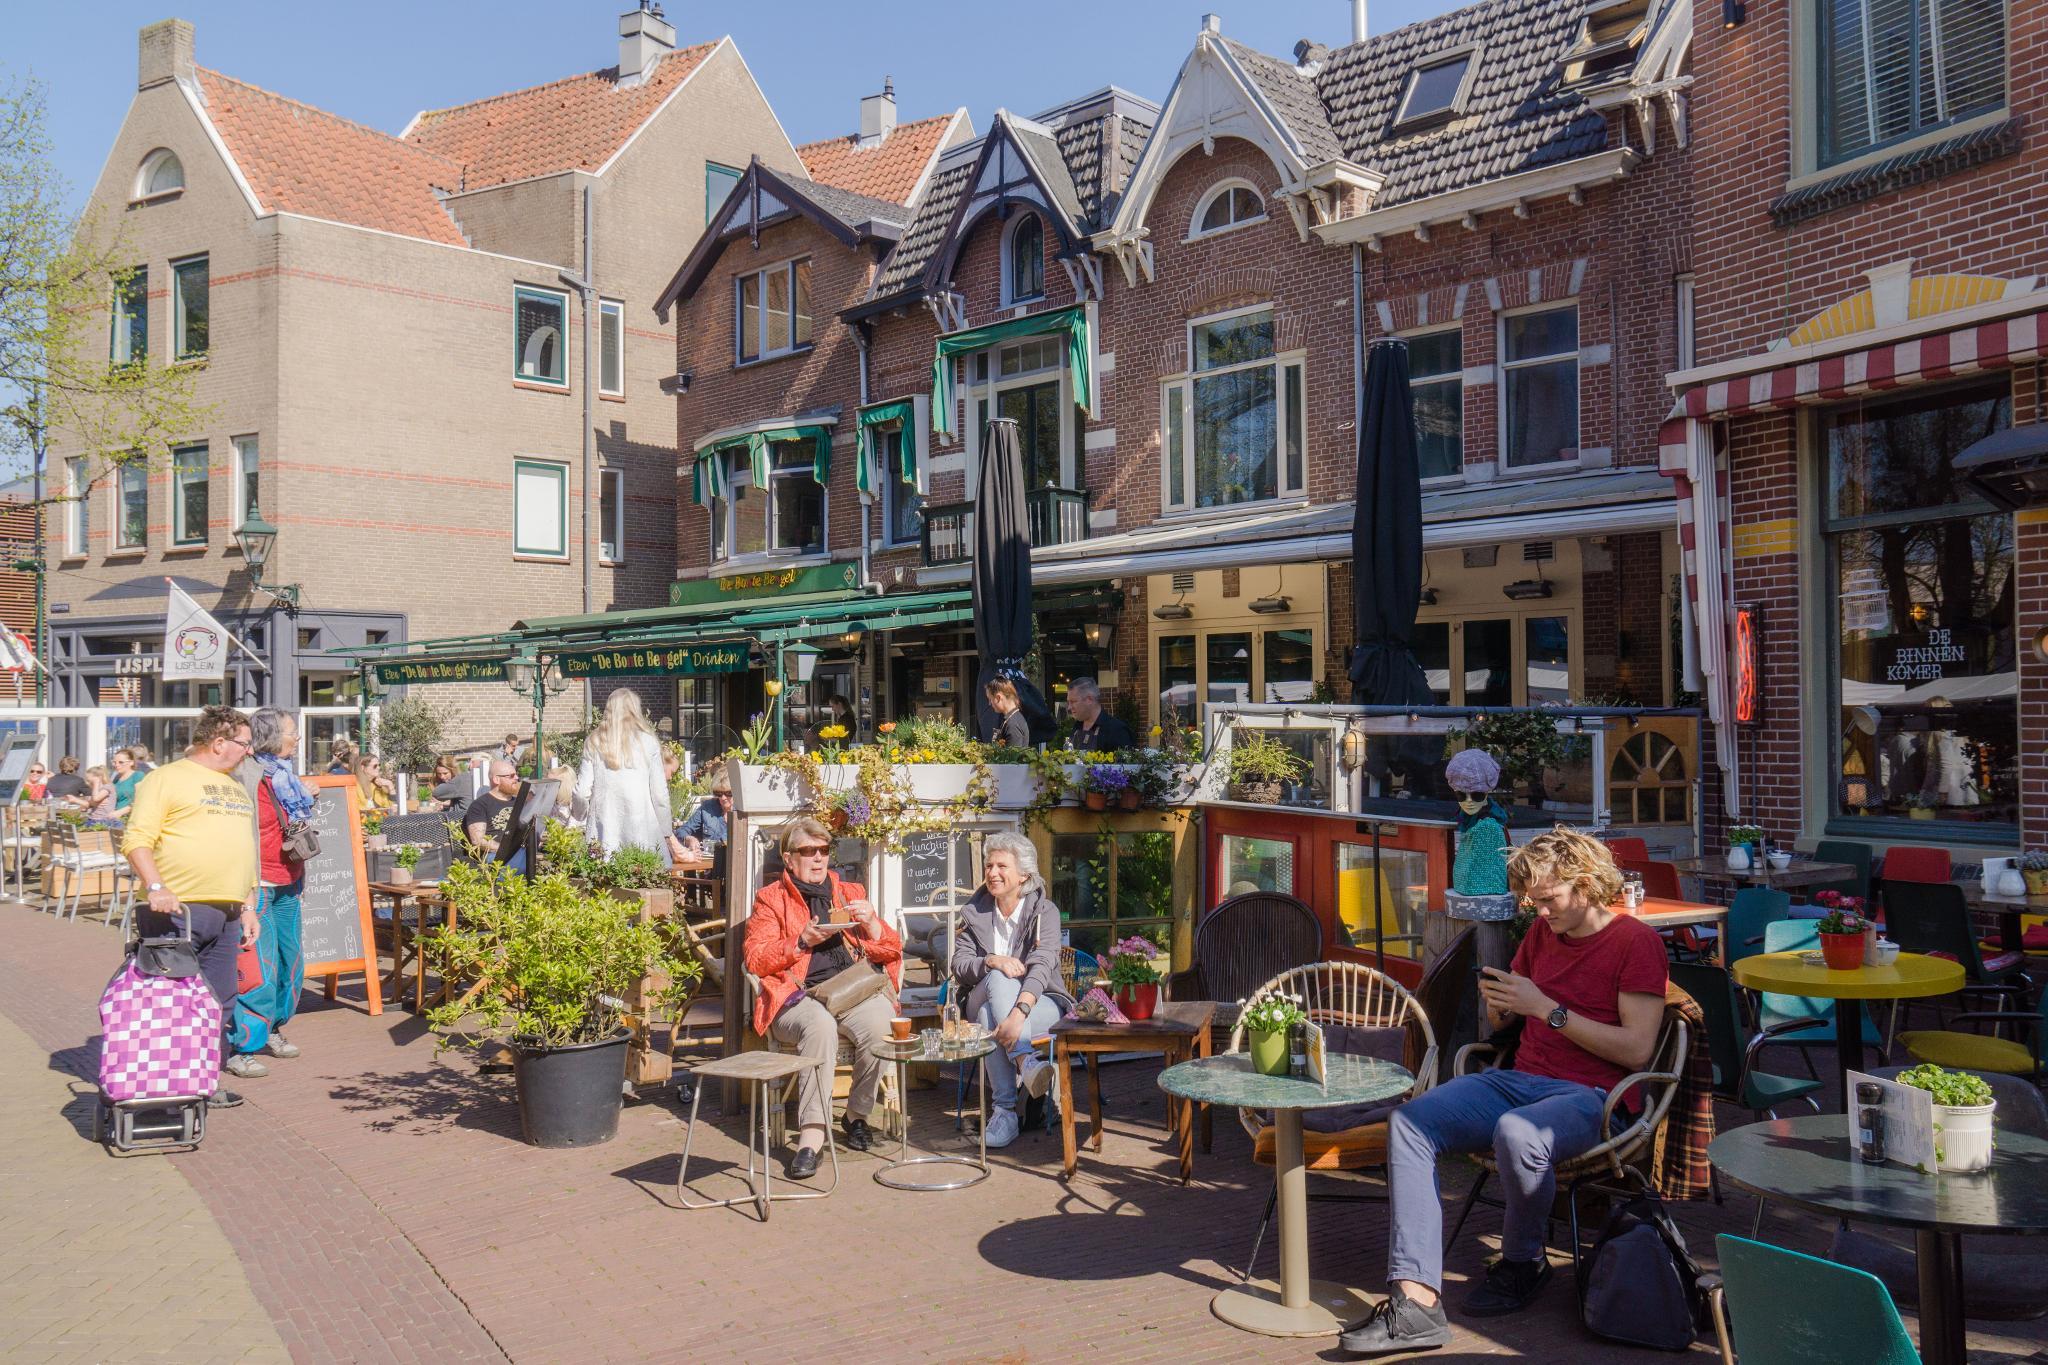 【荷蘭印象】體驗道地的荷式風情 — Alkmaar 起司市集 散步路線整理 13